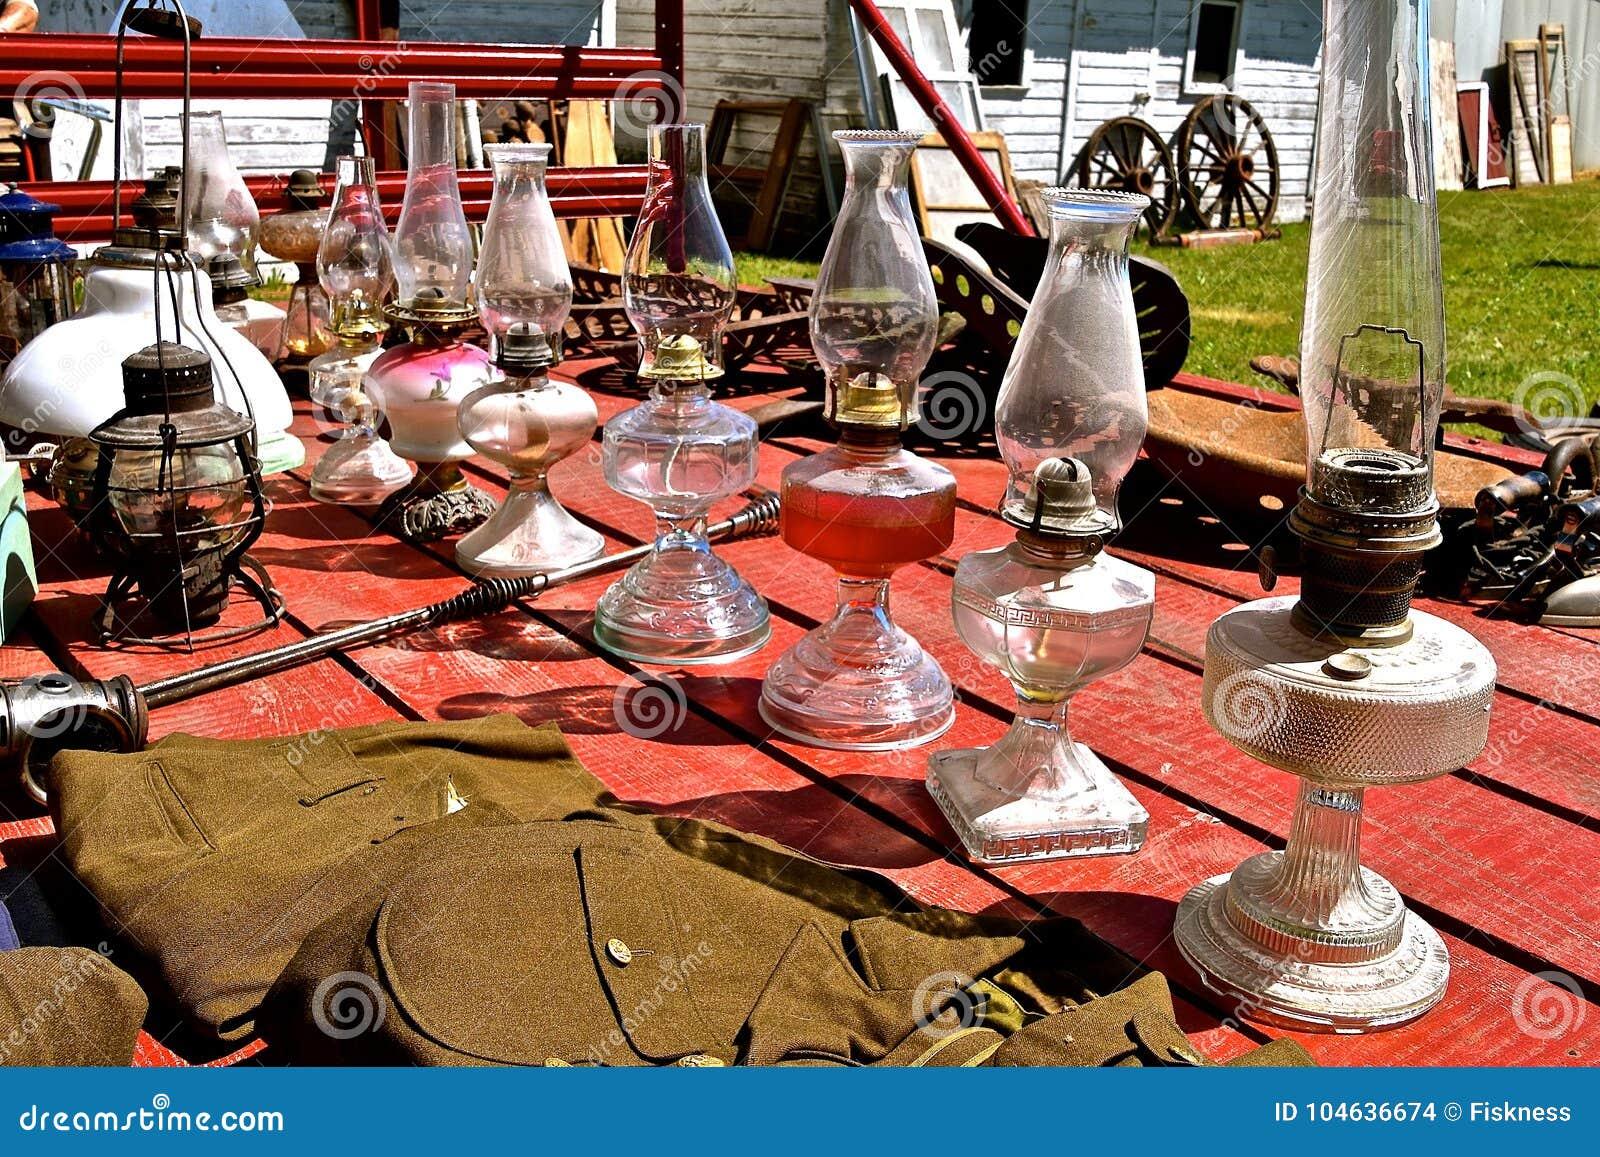 Download Inzameling Van Antieke Kerosinelampen Bij Een Veiling Stock Foto - Afbeelding bestaande uit verkoop, markt: 104636674